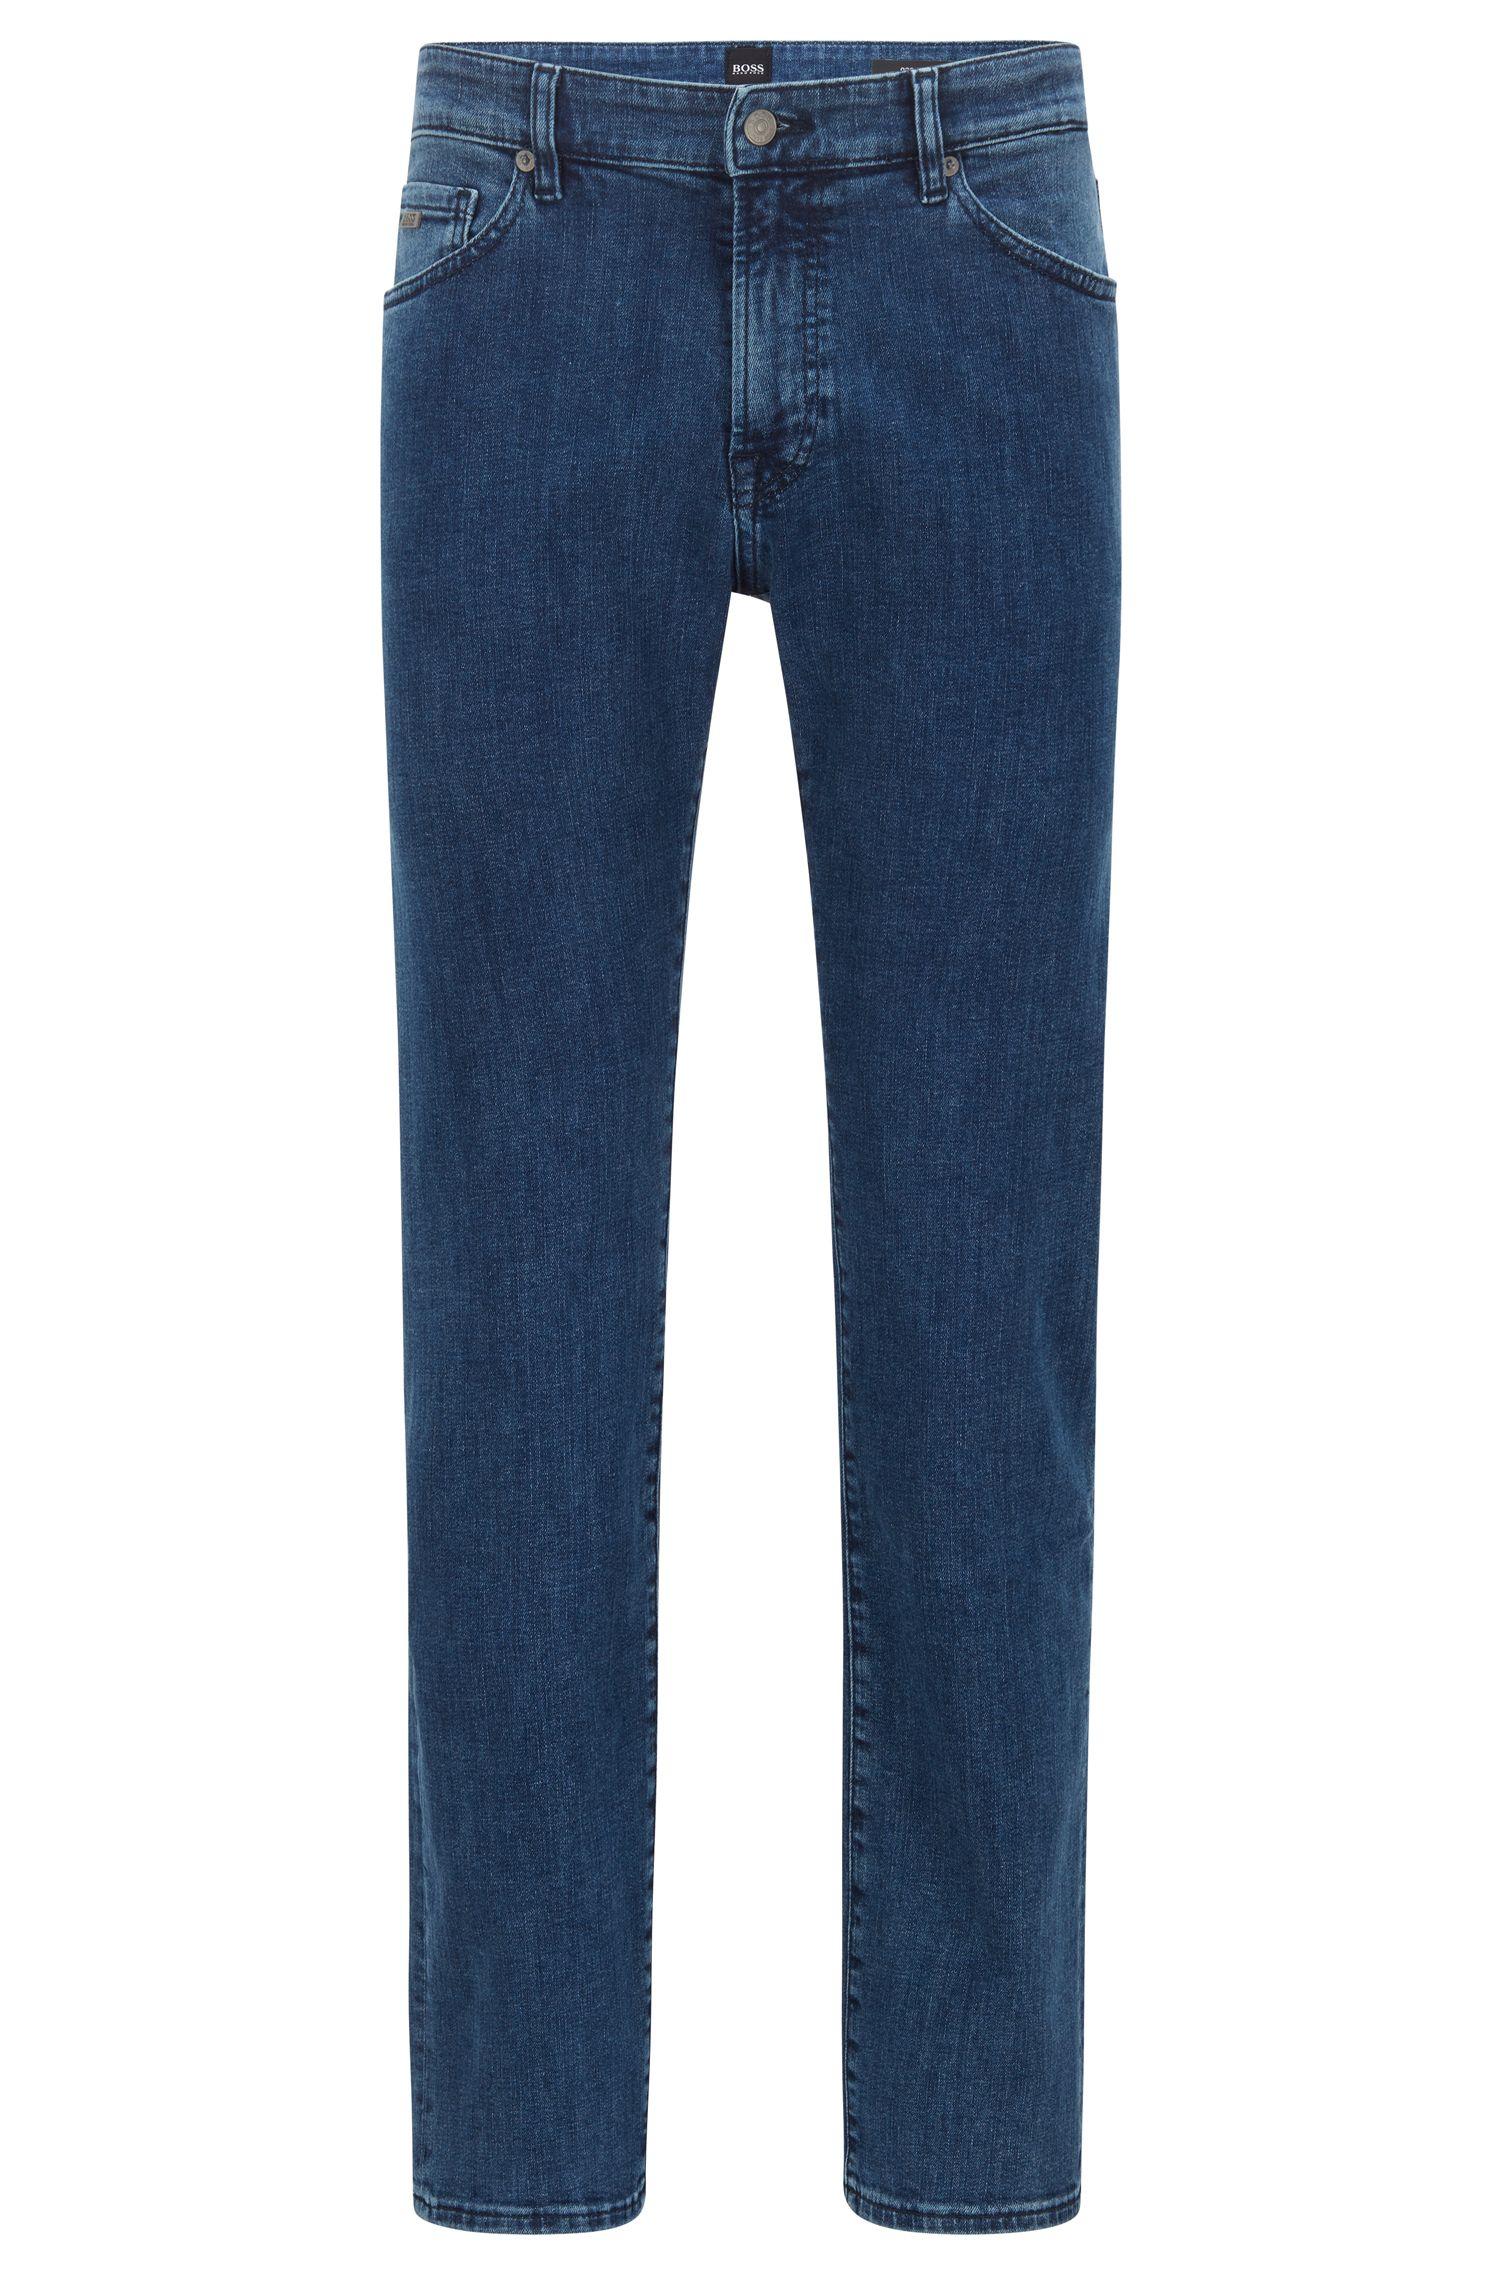 Hugo Boss - Regular-fit jeans in washed super-stretch denim - 1